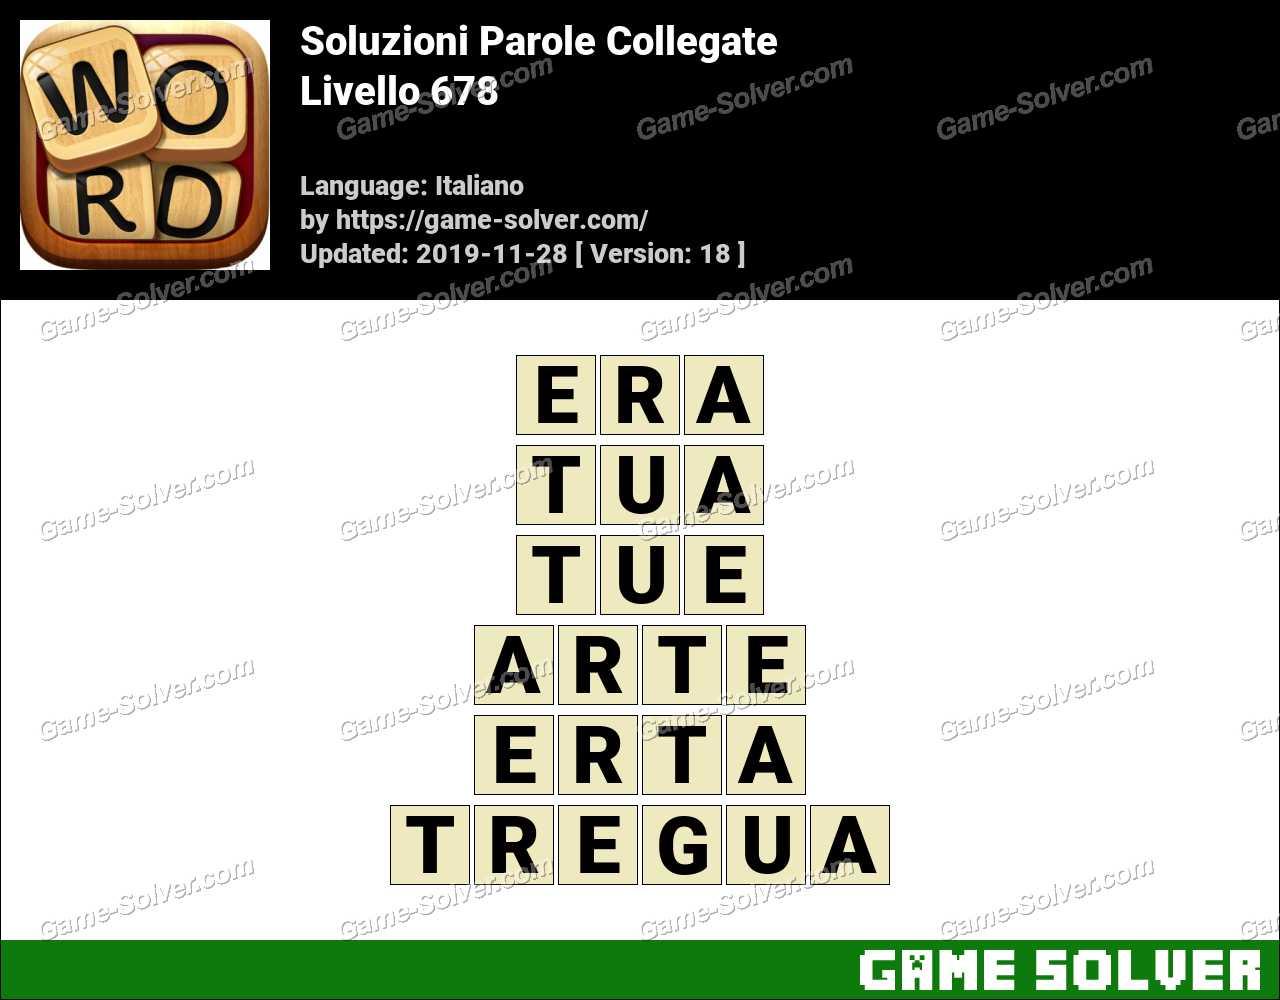 Soluzioni Parole Collegate Livello 678